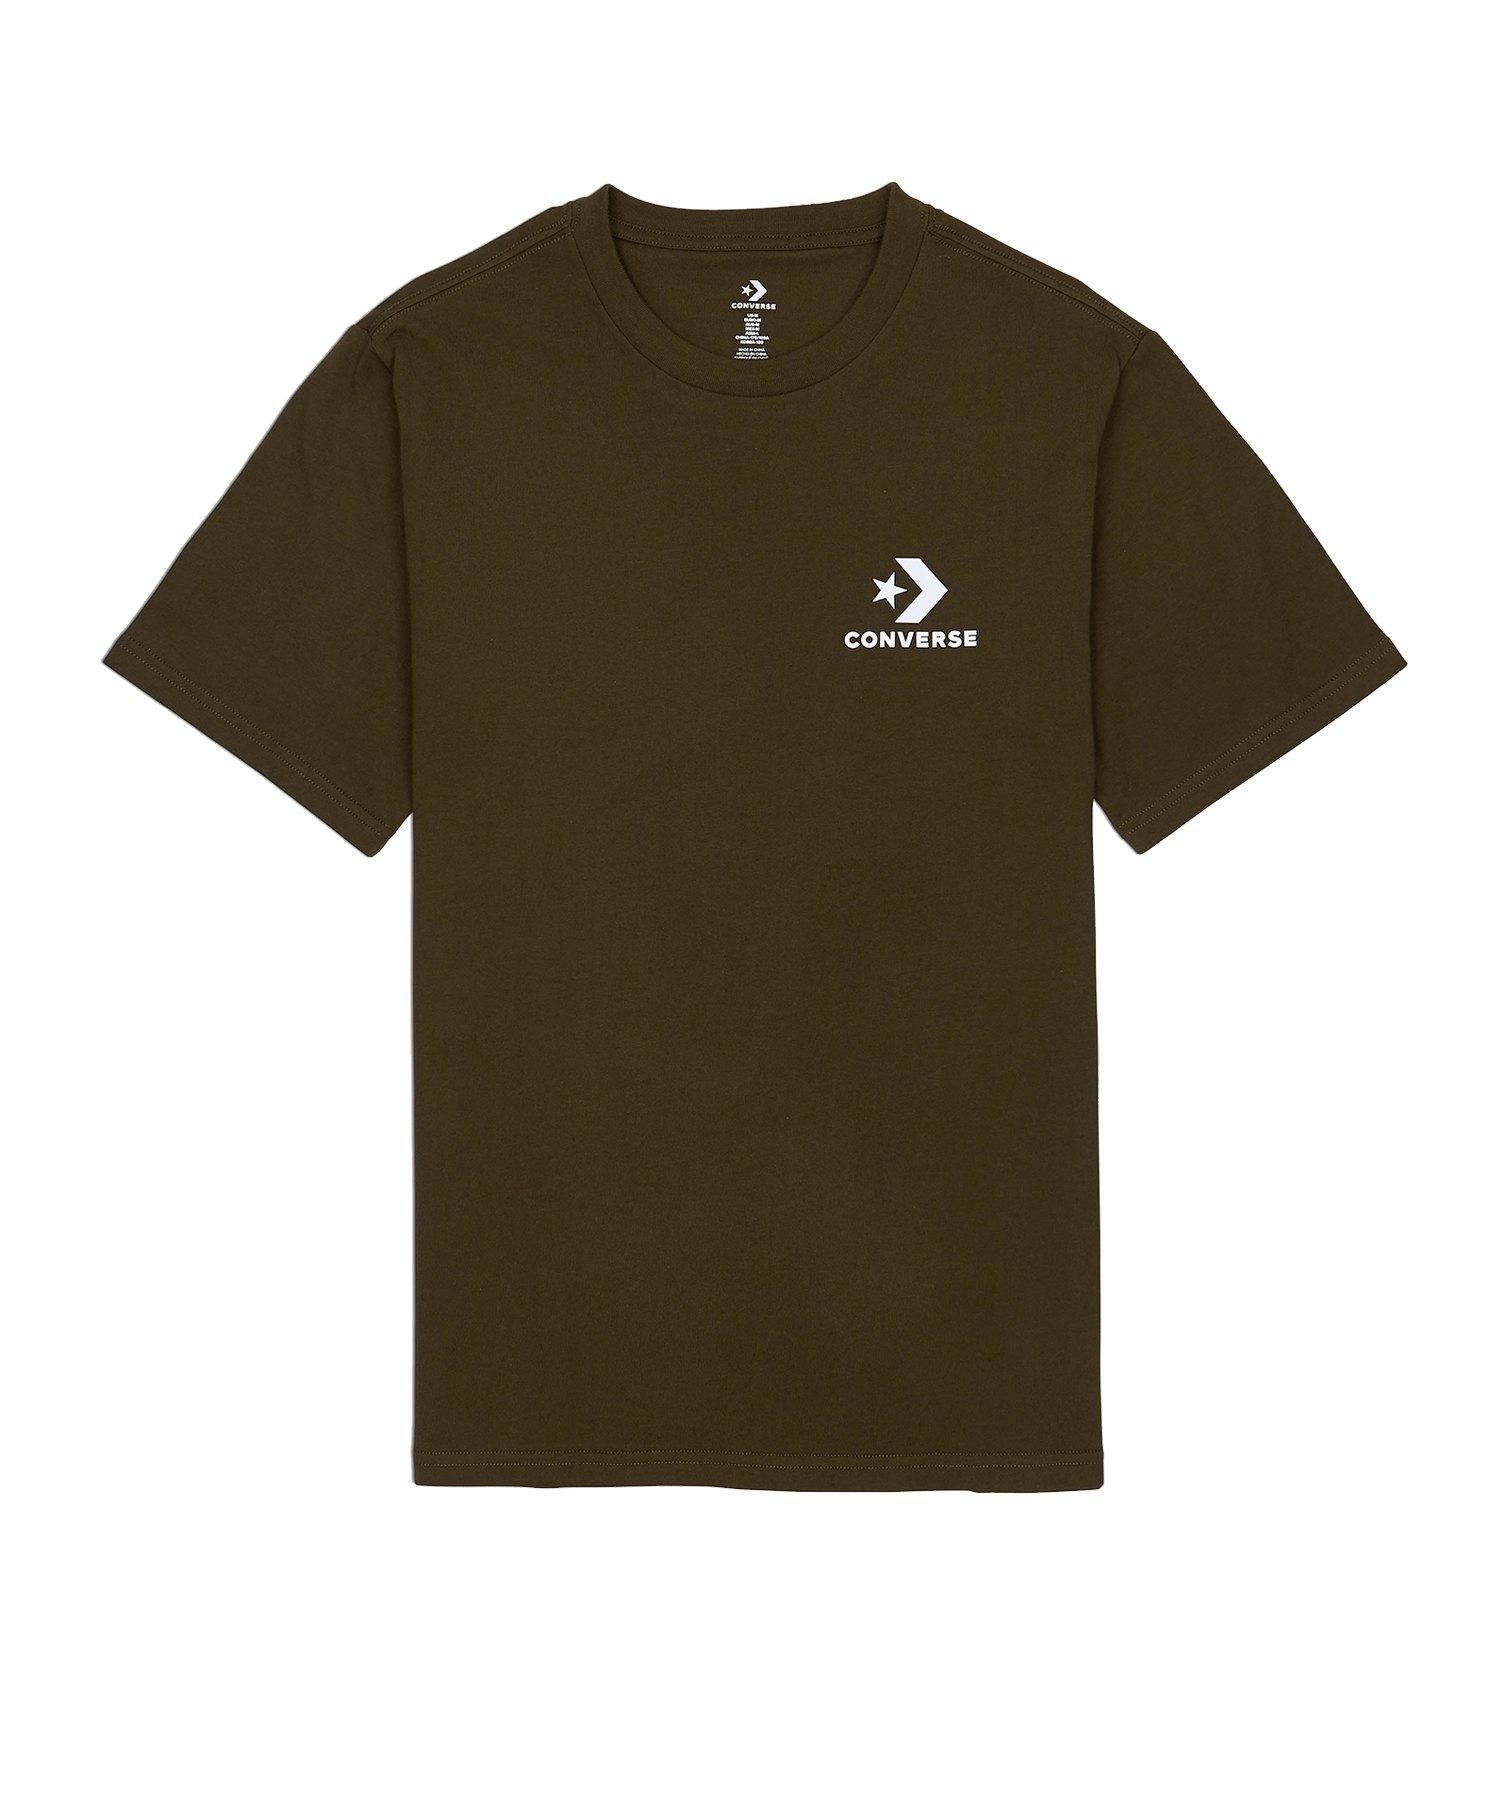 Converse Left Chest Star T-Shirt Grün - grün